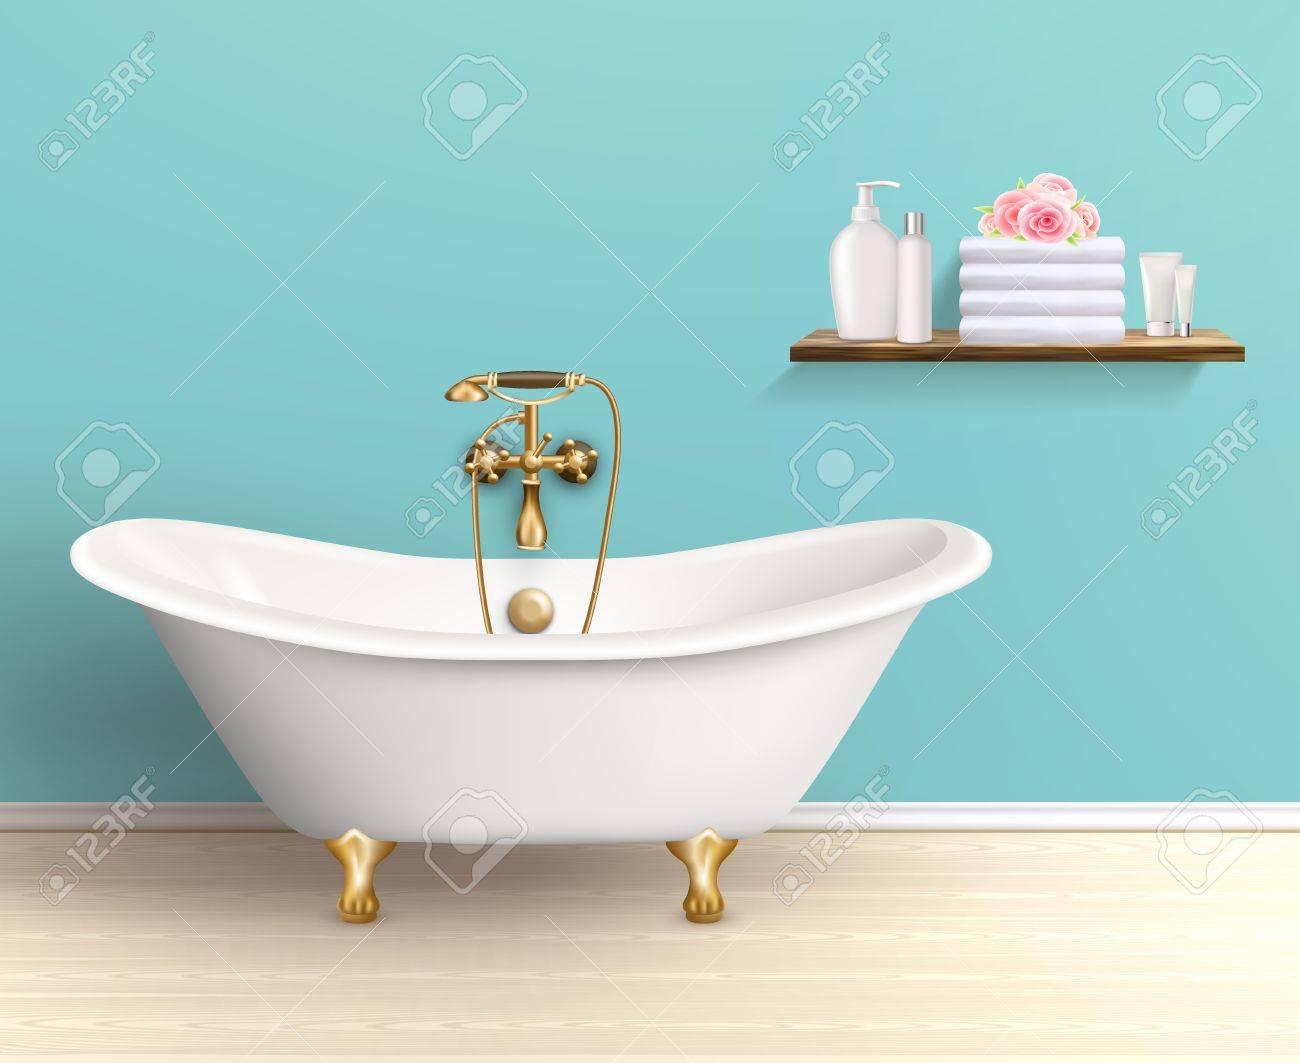 Affiche Salle De Bain ~ salle de bains inter affiche ou d pliant promo baignoire dans la